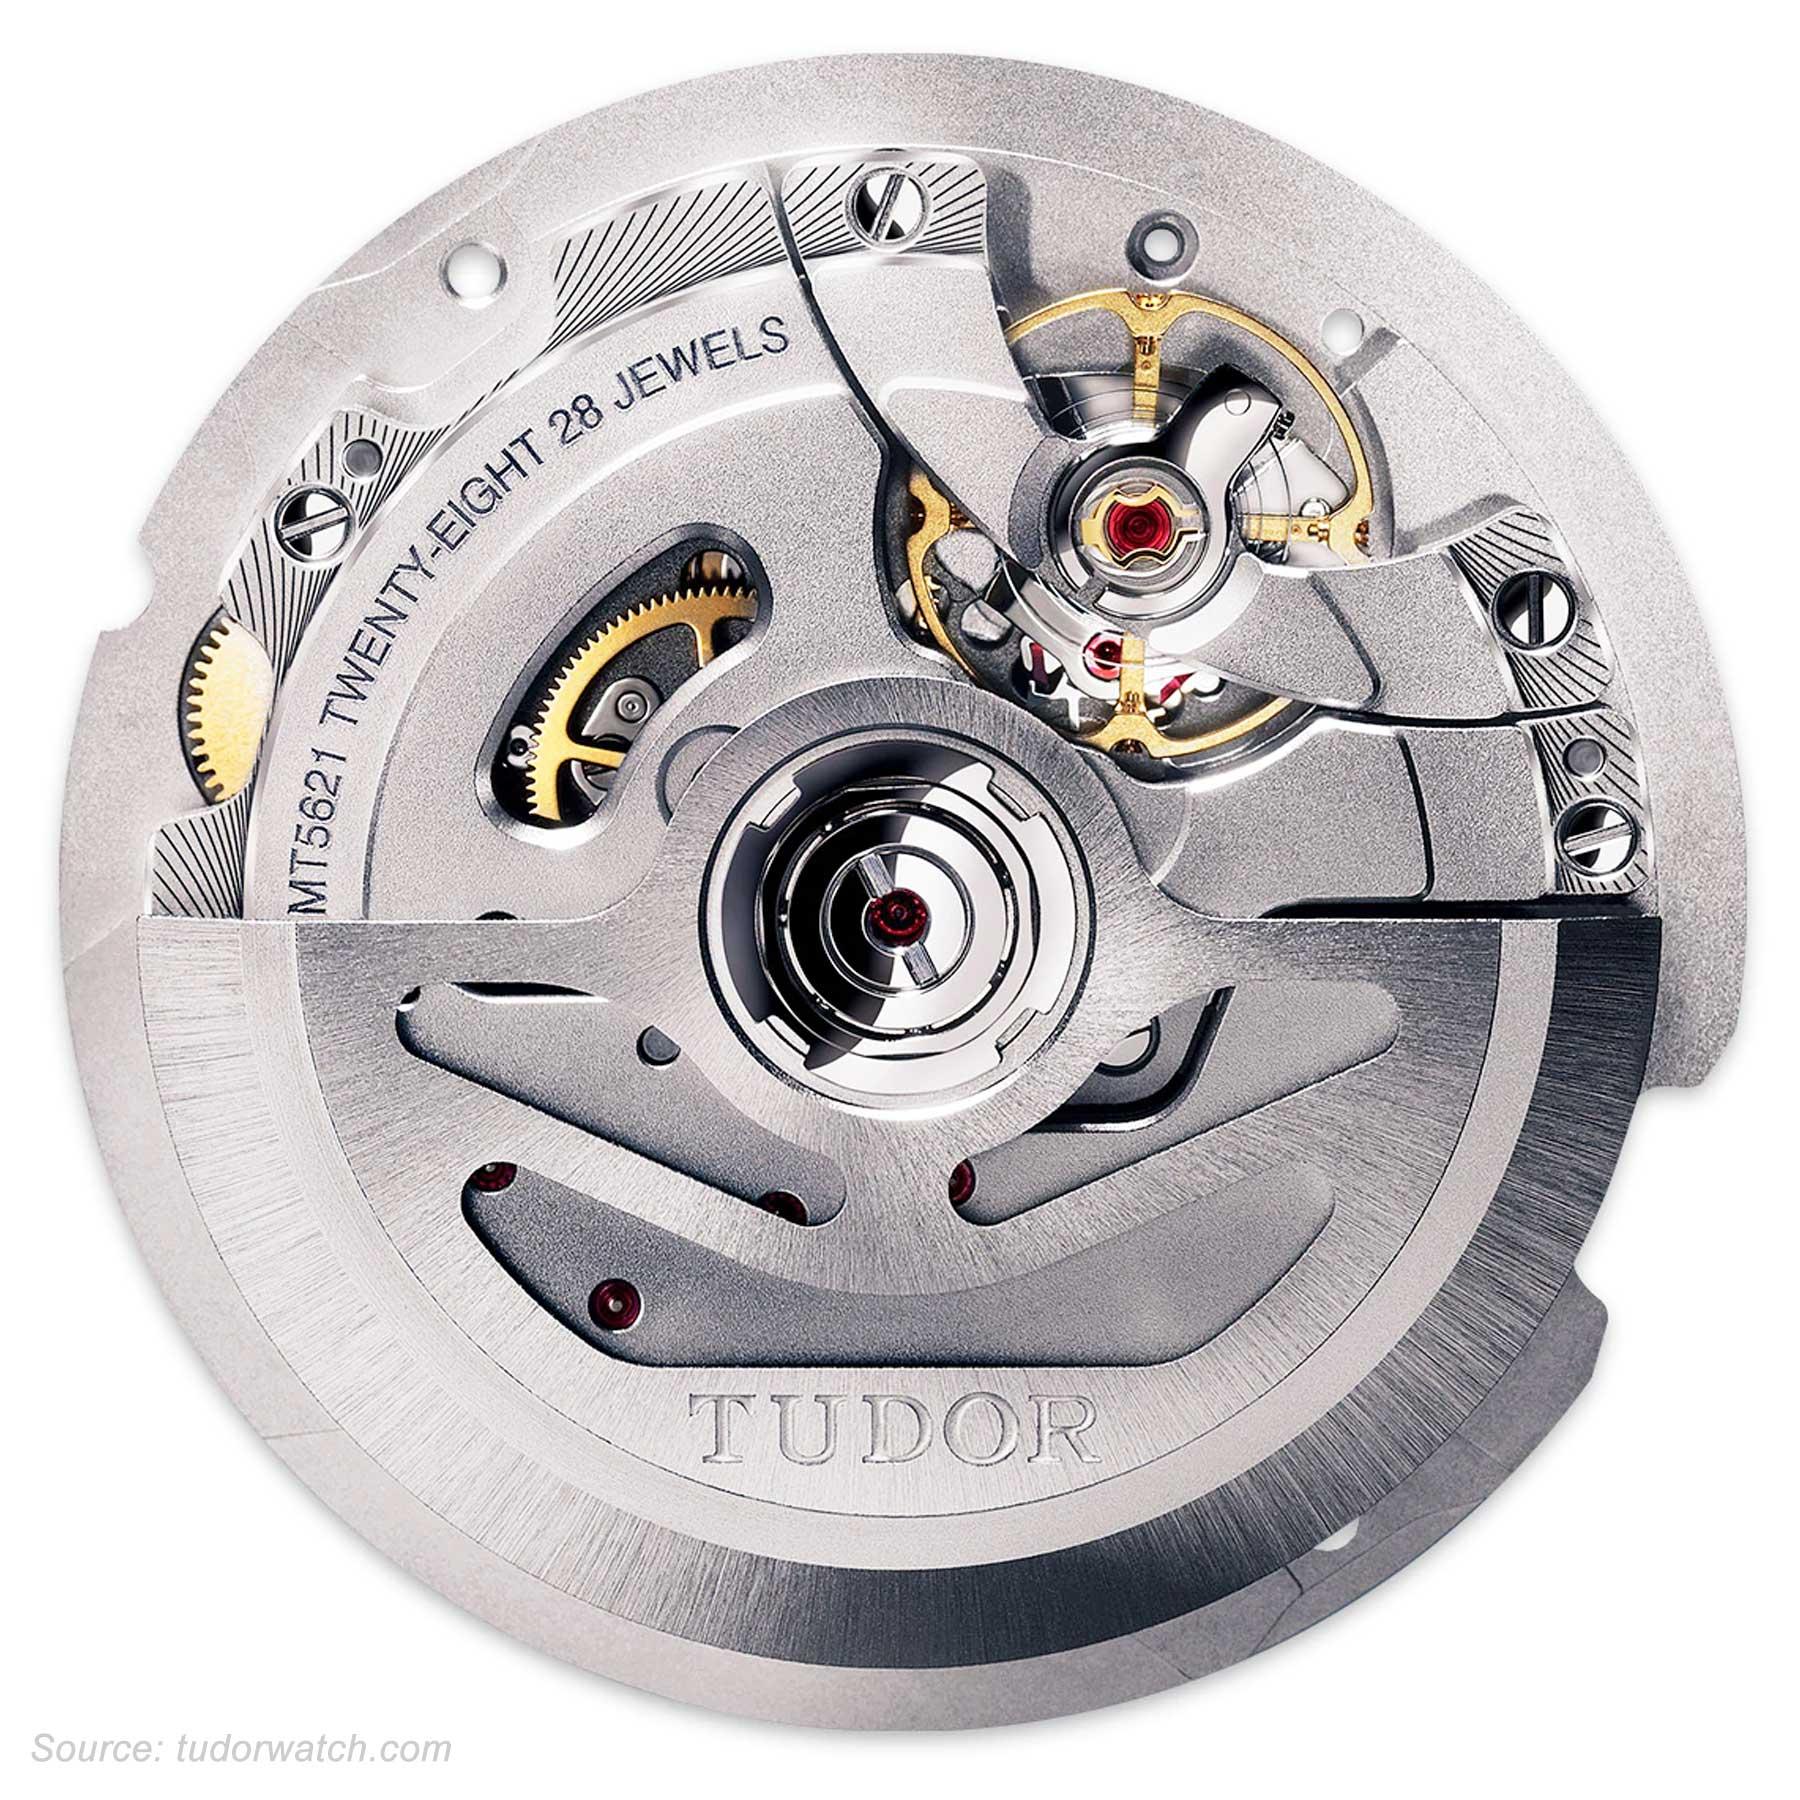 Tudor Caliber Mt5621 Movement